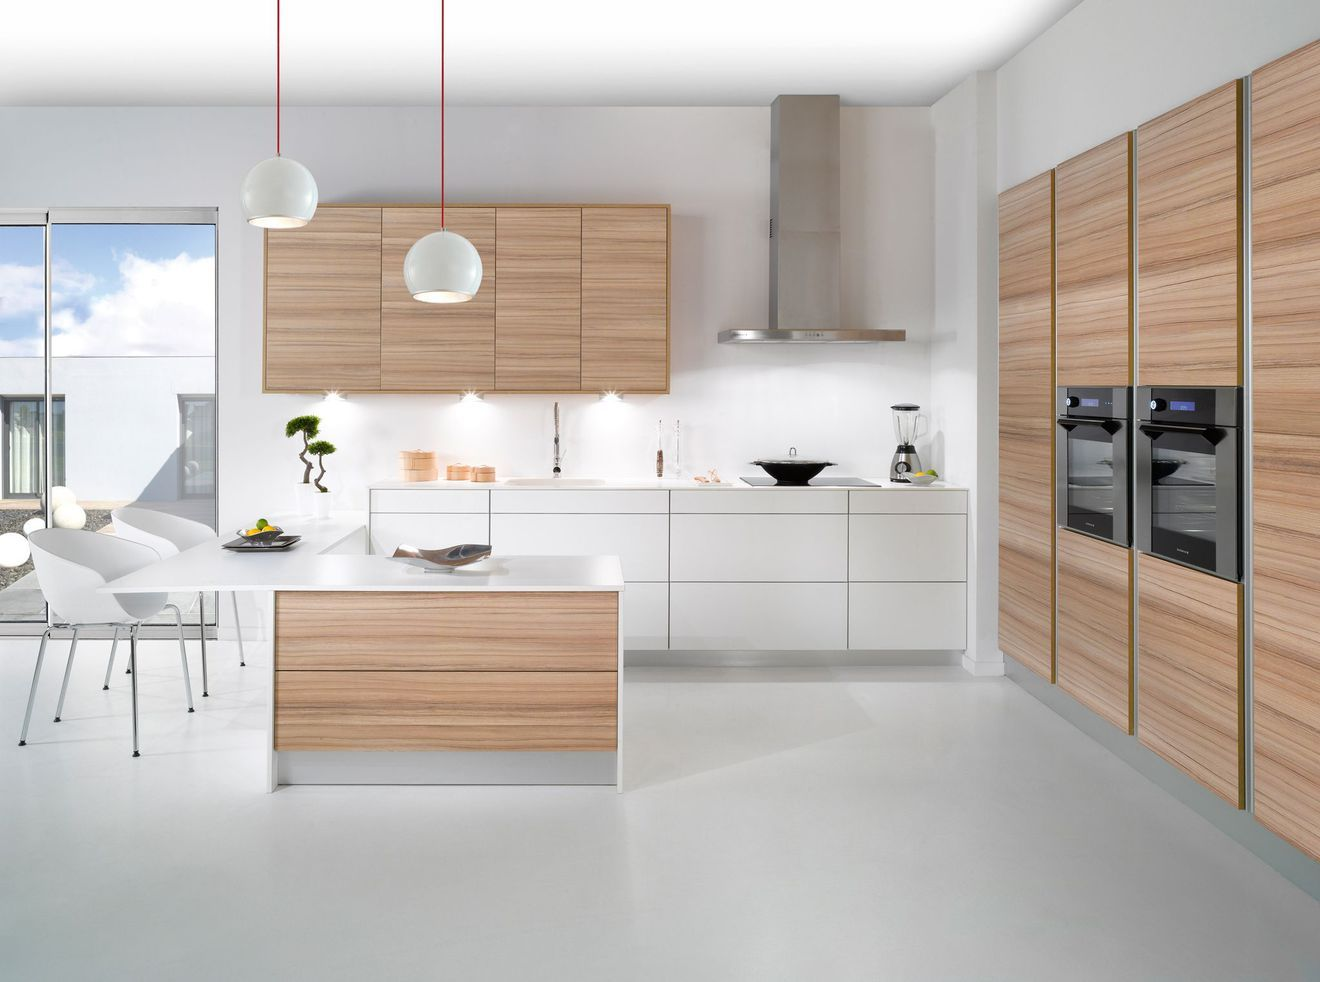 Httpstaticcotemaisonfrmediaswclimitgnorth - Meuble de cuisine en bois pour idees de deco de cuisine